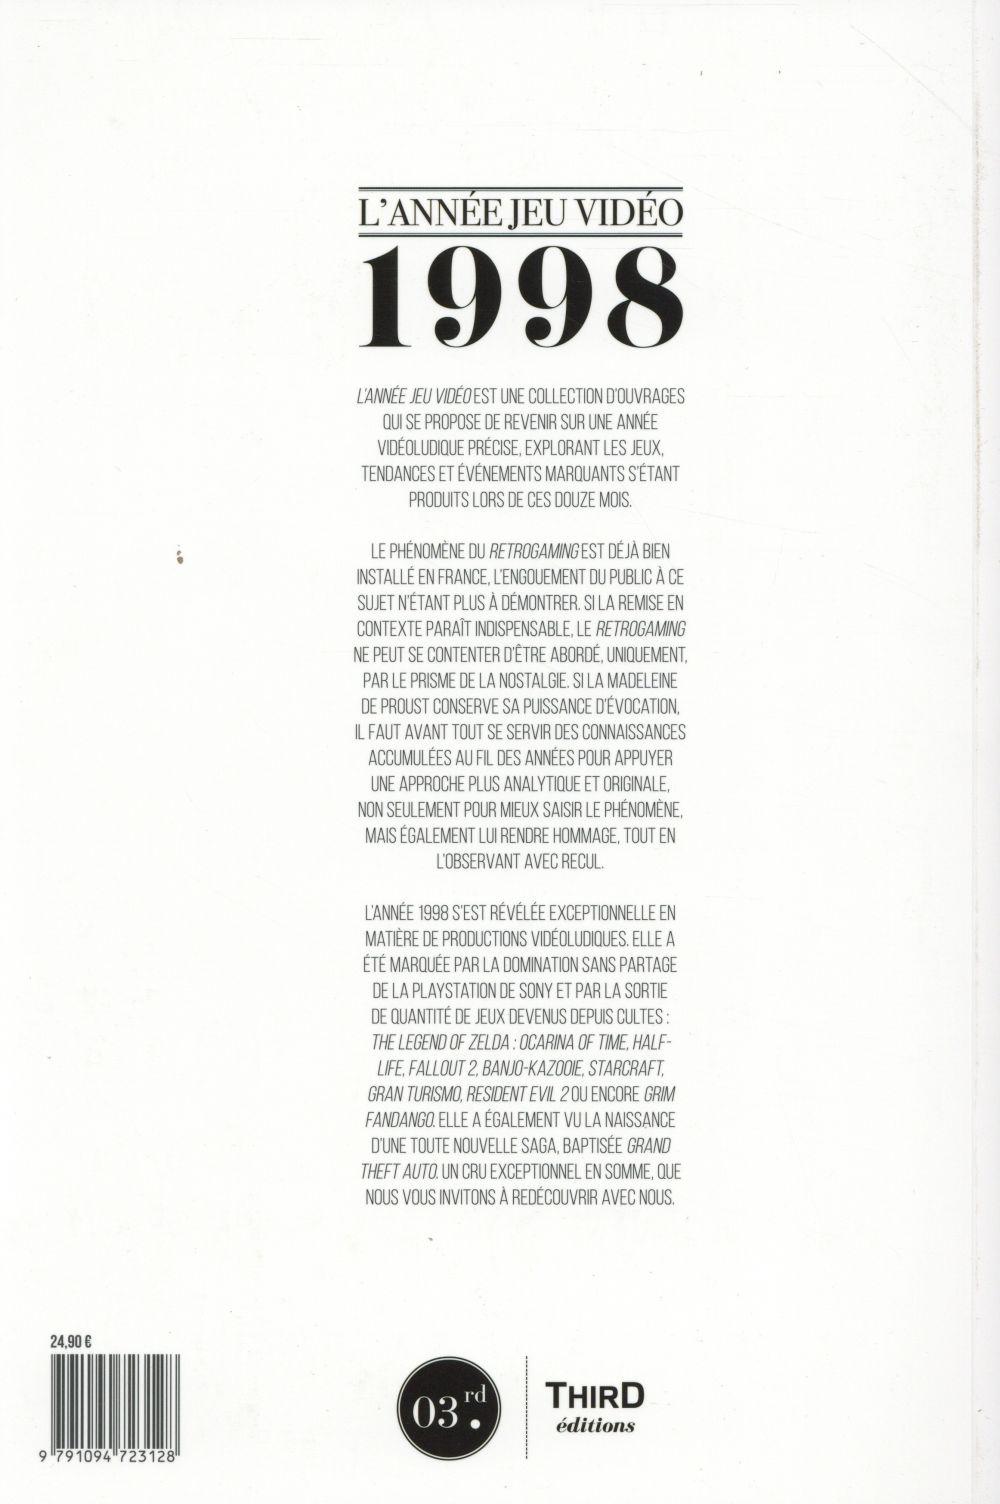 L'année jeu vidéo 1998